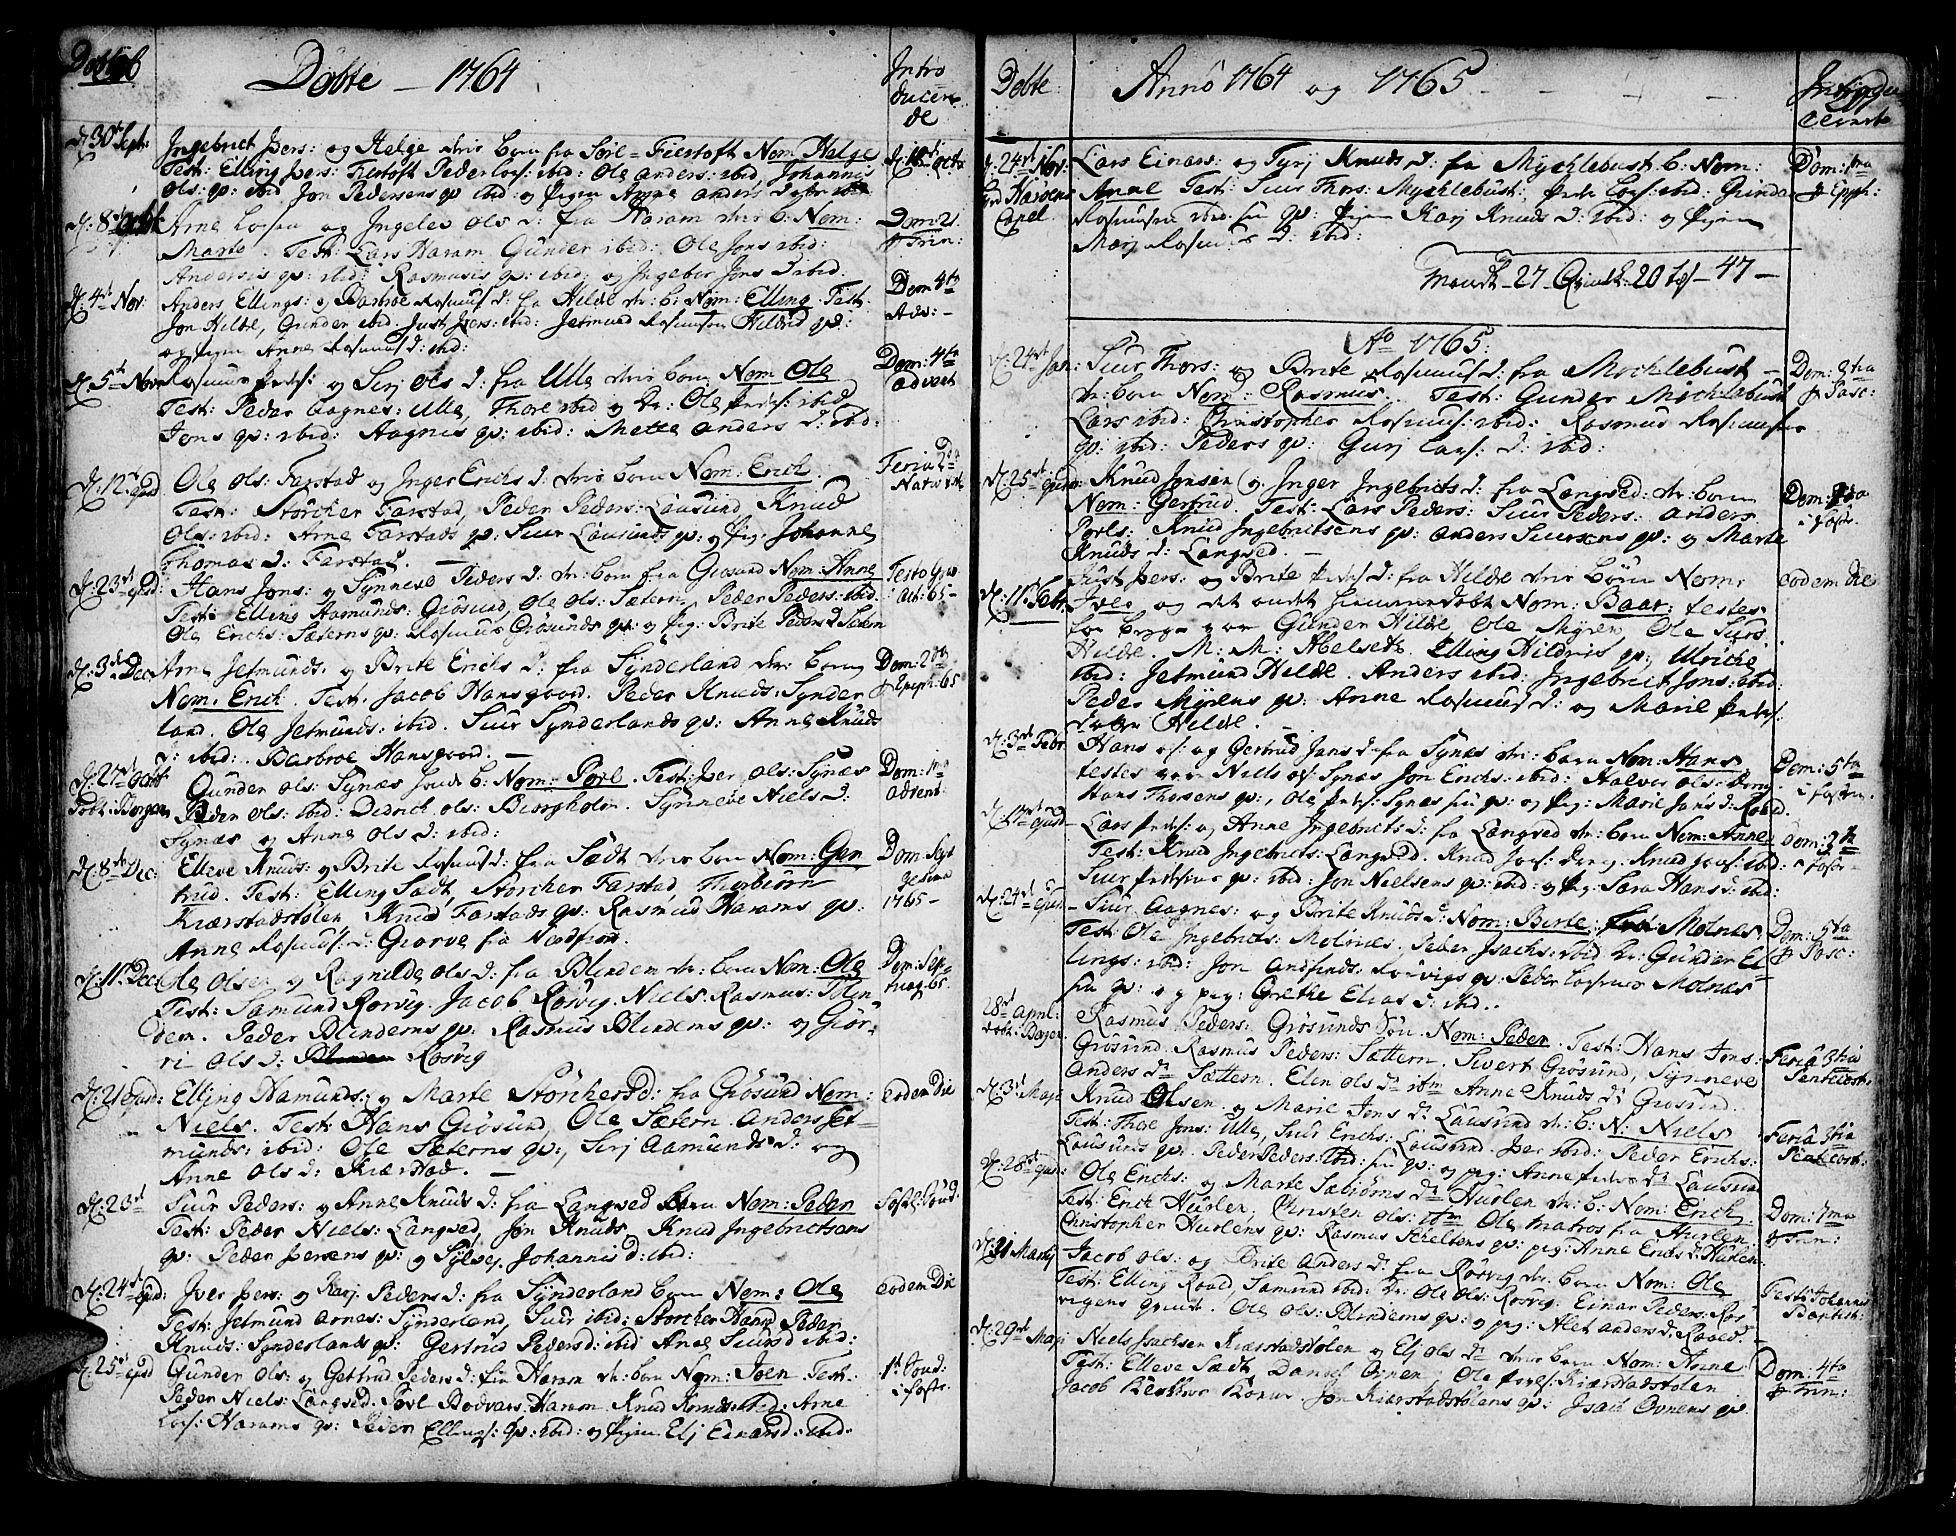 SAT, Ministerialprotokoller, klokkerbøker og fødselsregistre - Møre og Romsdal, 536/L0493: Ministerialbok nr. 536A02, 1739-1802, s. 216-217